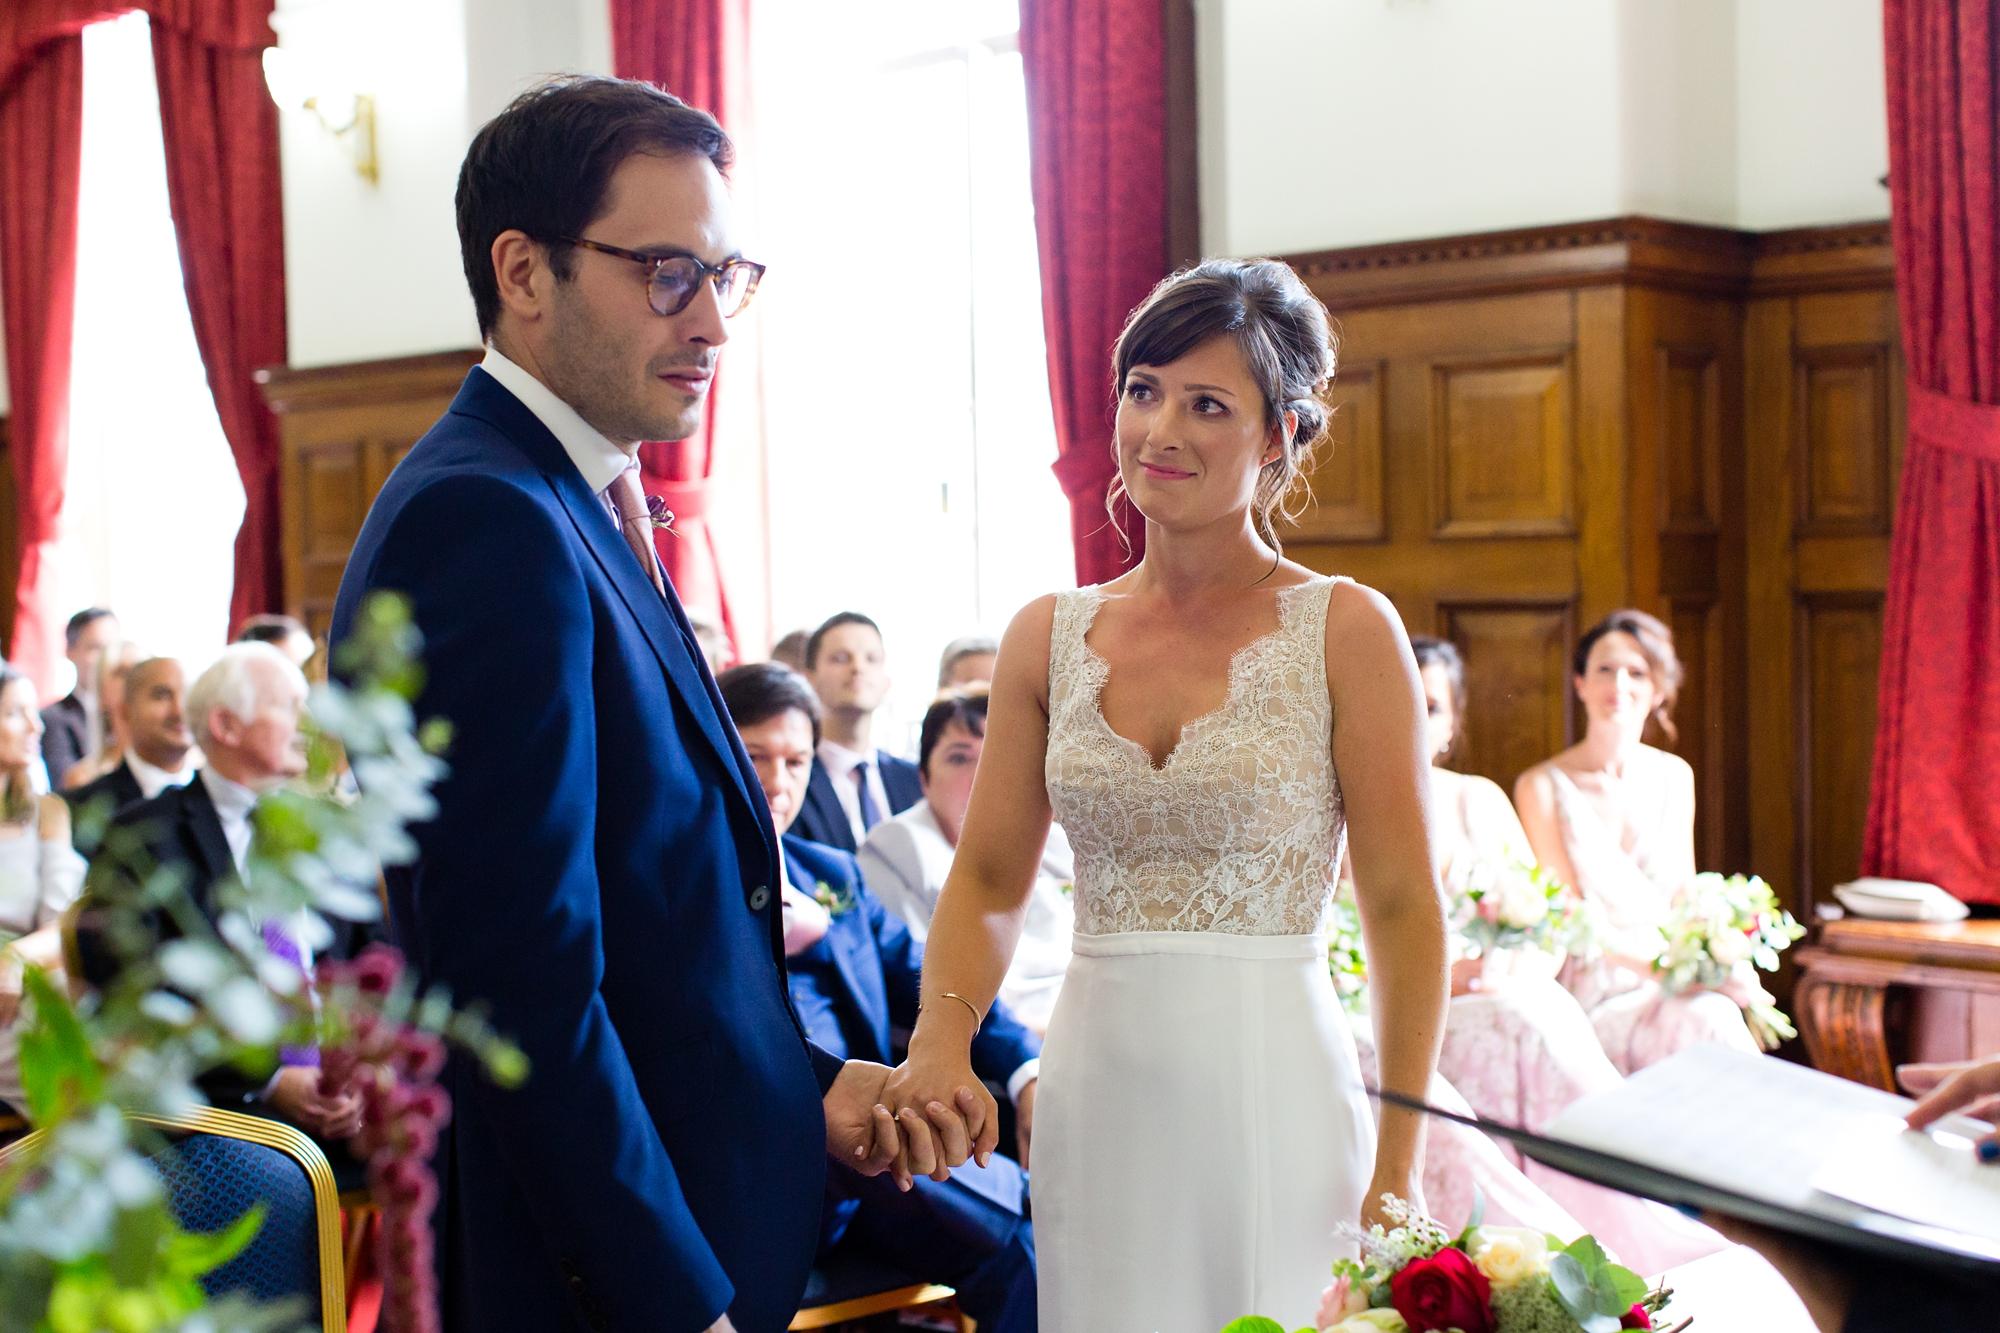 York & Albany Wedding Photography ceremony